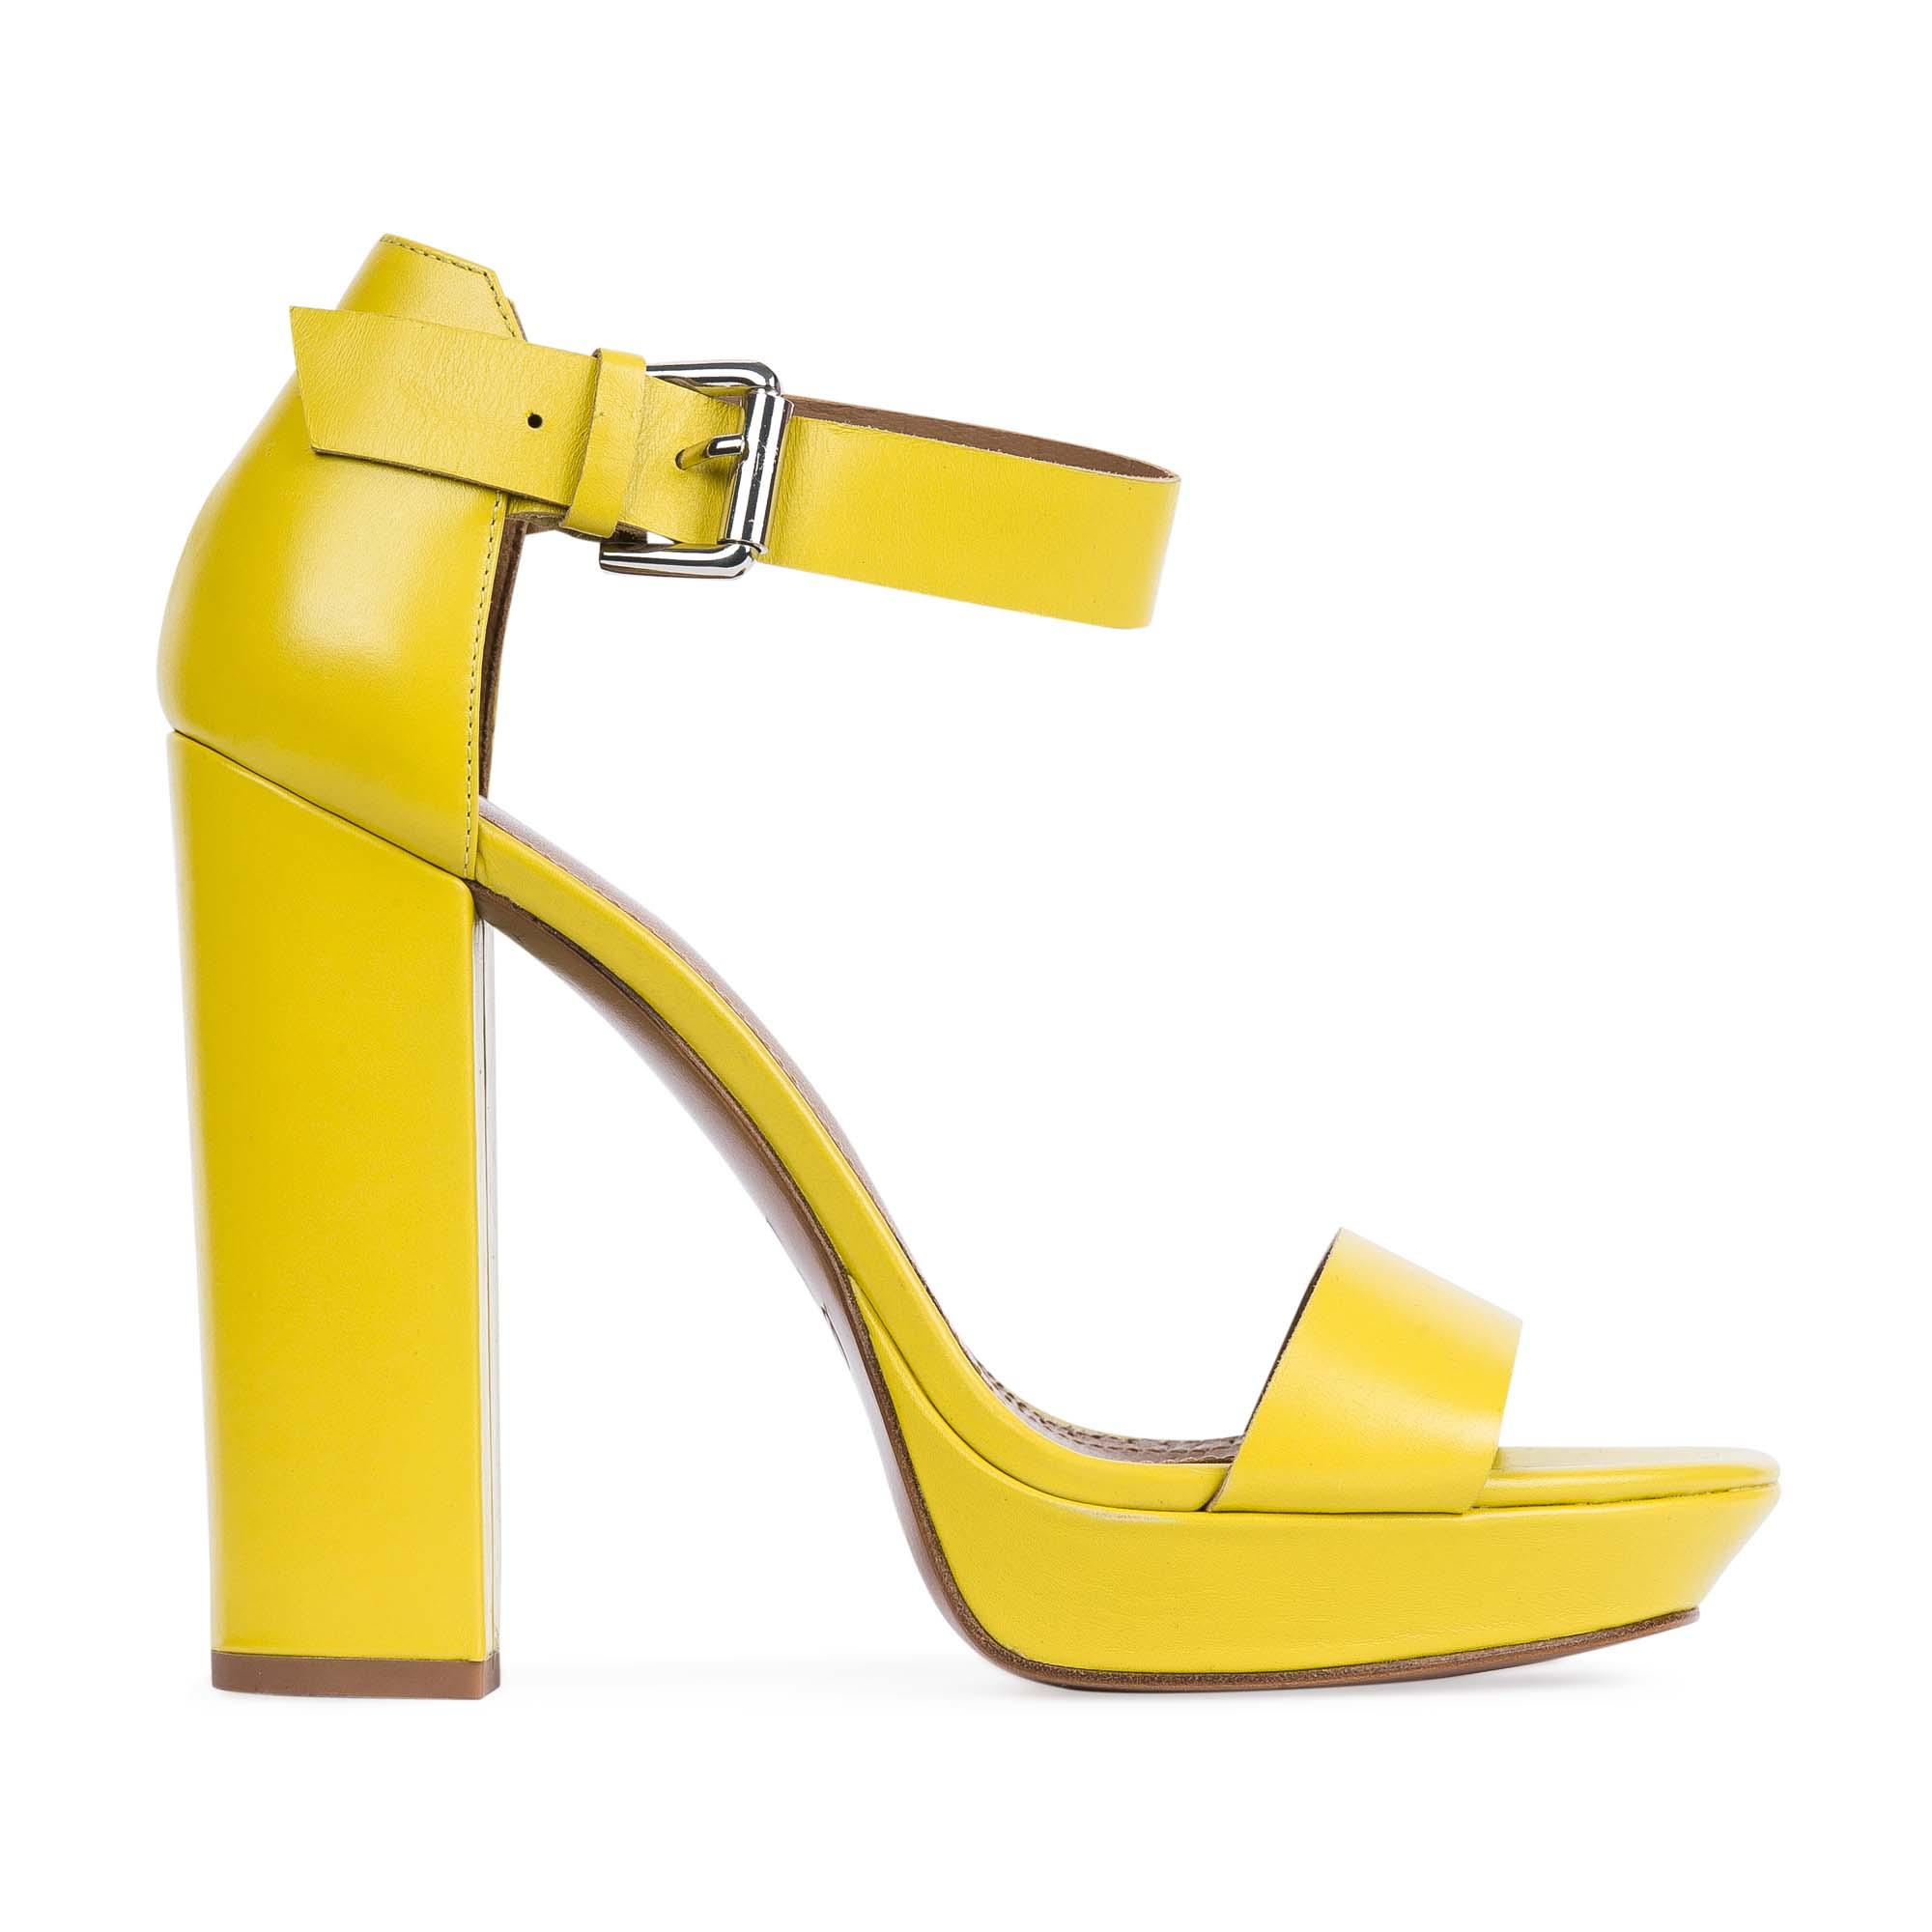 Босоножки на высоком каблуке канареечного цветаТуфли женские<br><br>Материал верха: Кожа<br>Материал подкладки: Кожа<br>Материал подошвы: Кожа<br>Цвет: Желтый<br>Высота каблука: 14 см<br>Дизайн: Италия<br>Страна производства: Китай<br><br>Высота каблука: 14 см<br>Материал верха: Кожа<br>Материал подкладки: Кожа<br>Цвет: Желтый<br>Вес кг: 0.69000000<br>Размер обуви: 39